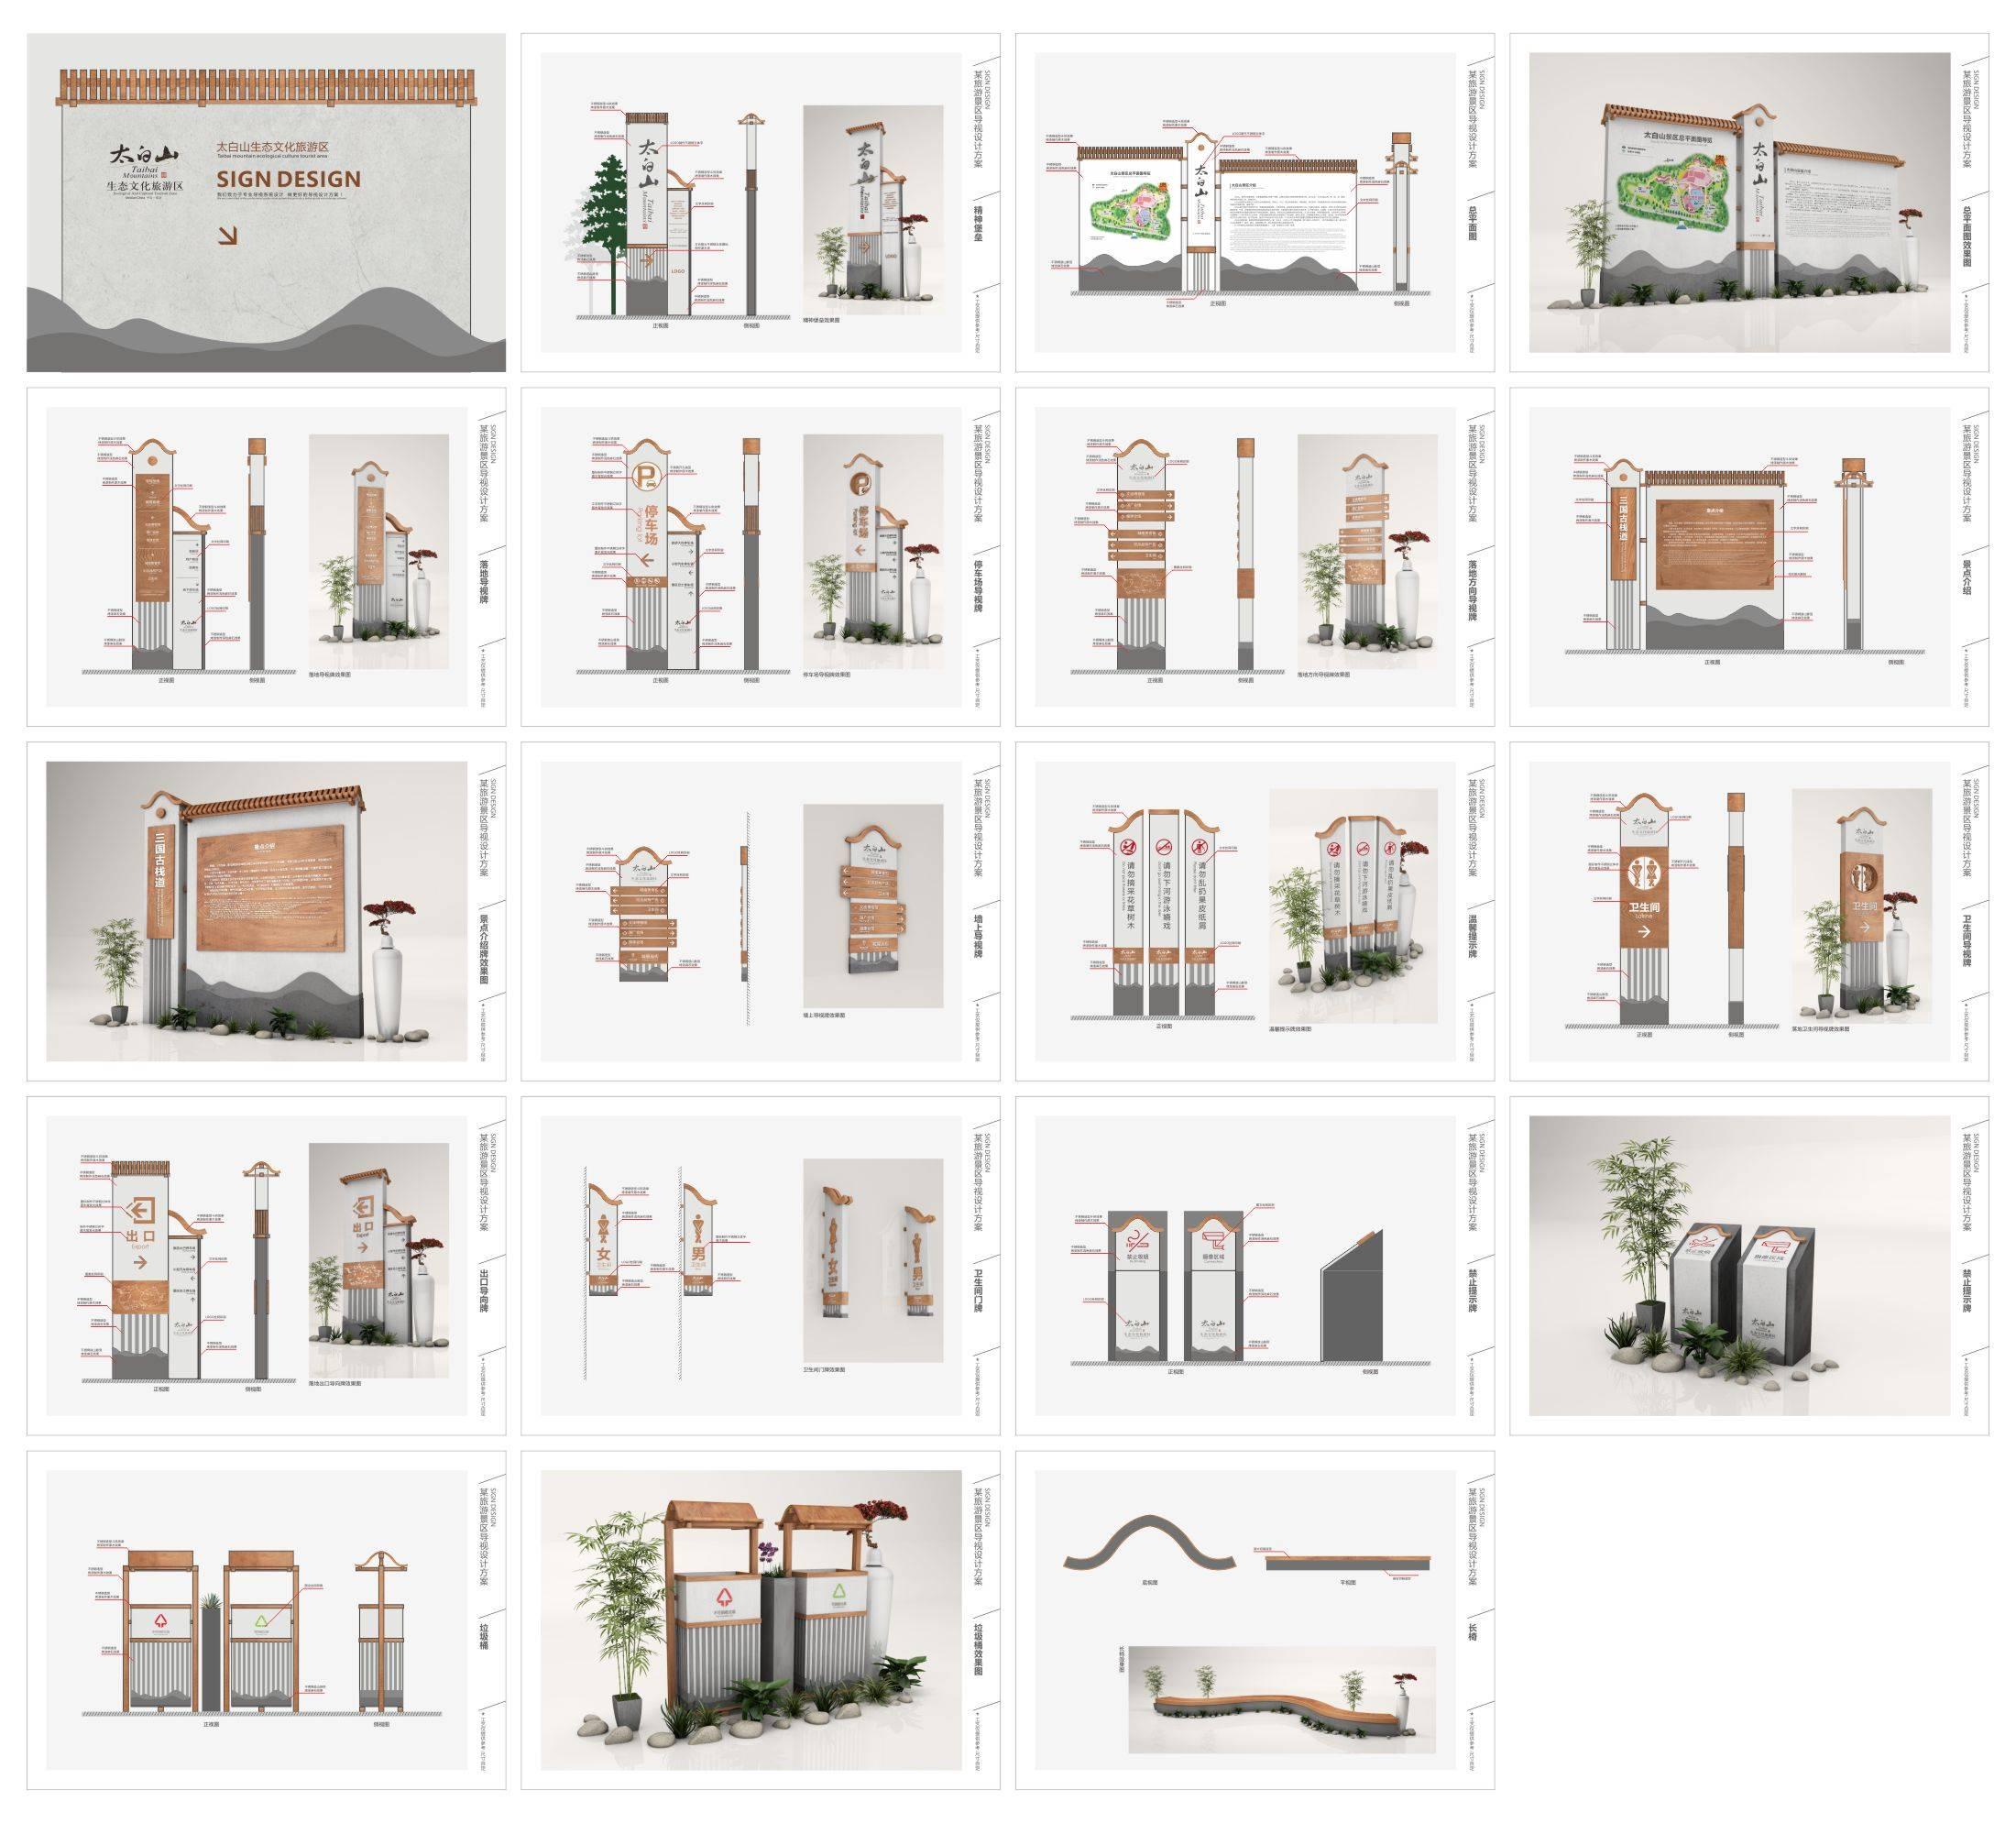 陕西太白山旅游景区导视系统设计【古典标识全套】